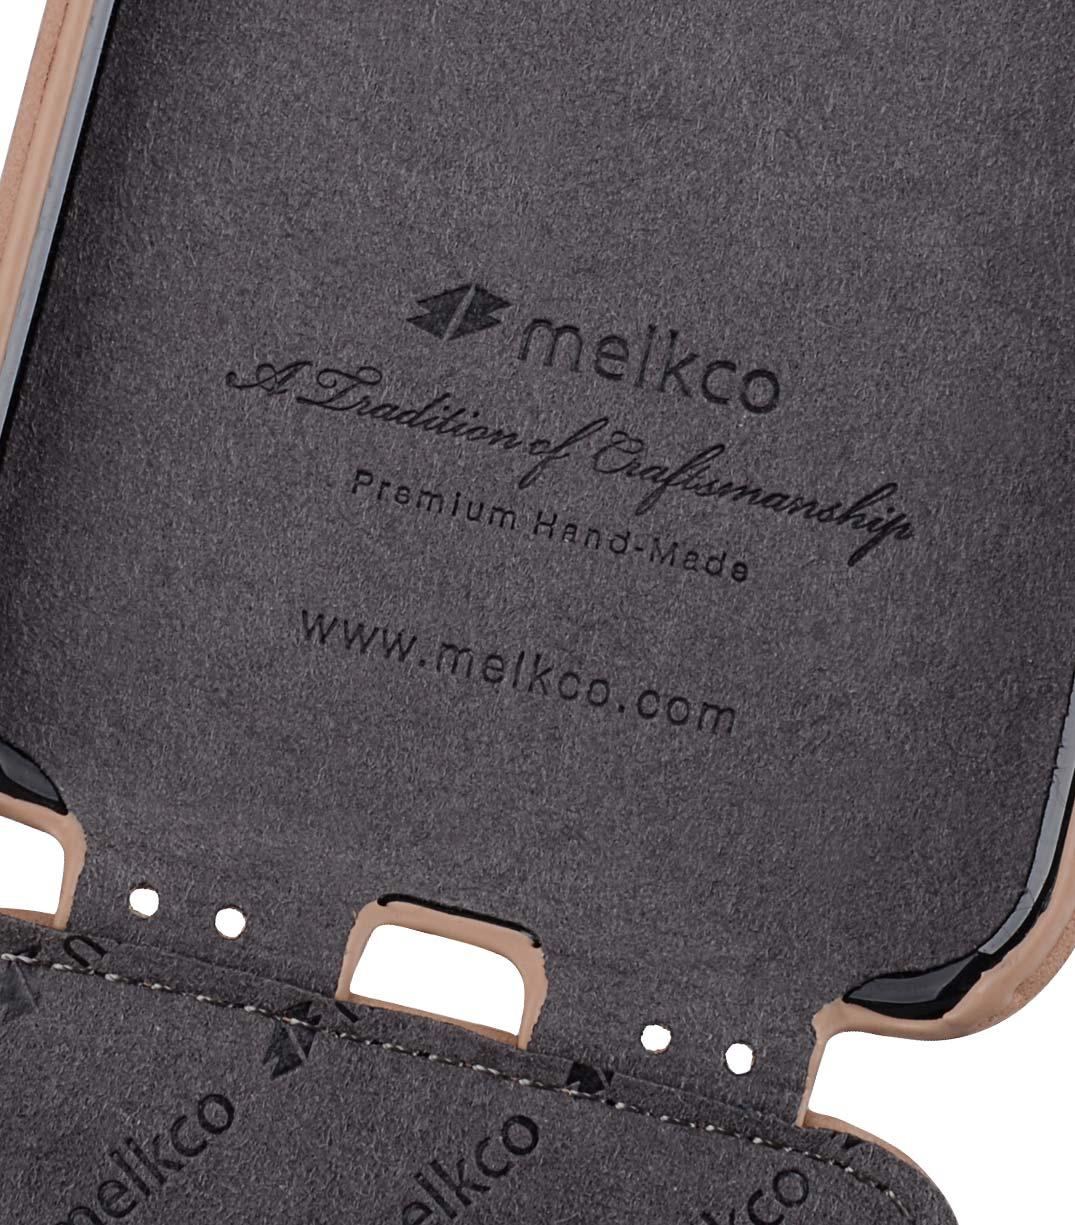 Melkco iPhone XR (6.1インチ) (2018) プレミアム ヌバック レザーケース 本革 ハンドメイド 磁石不使用 フリップタイプ (縦開き) [ ラセス rasesu Inc 日本正規代理店品 ]  【 クラシック・ビンテージ・ブラウン 】